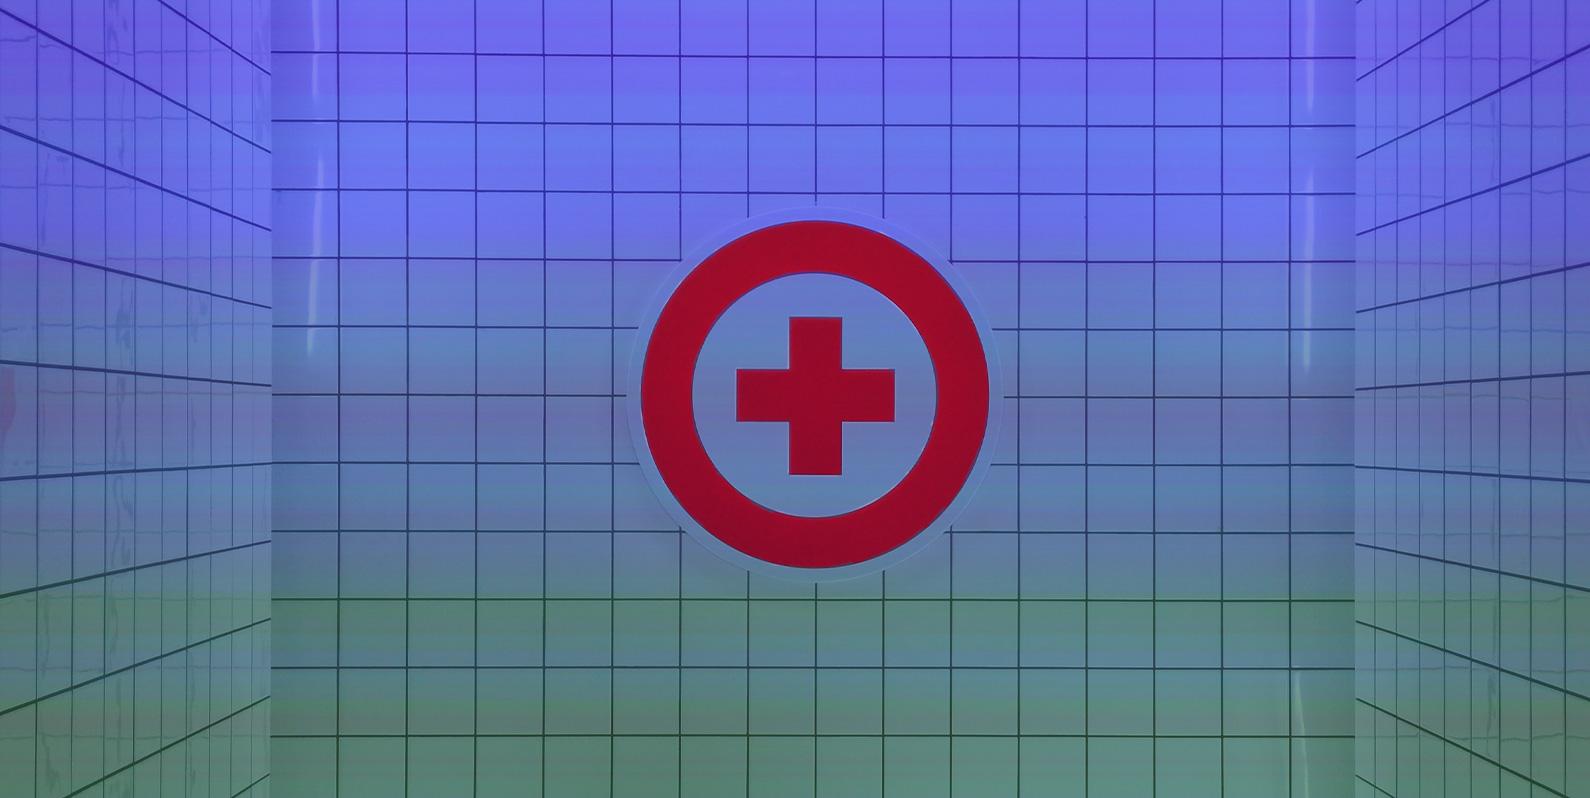 Somos forçados a utilizar demais (ou de menos) os serviços de saúde?